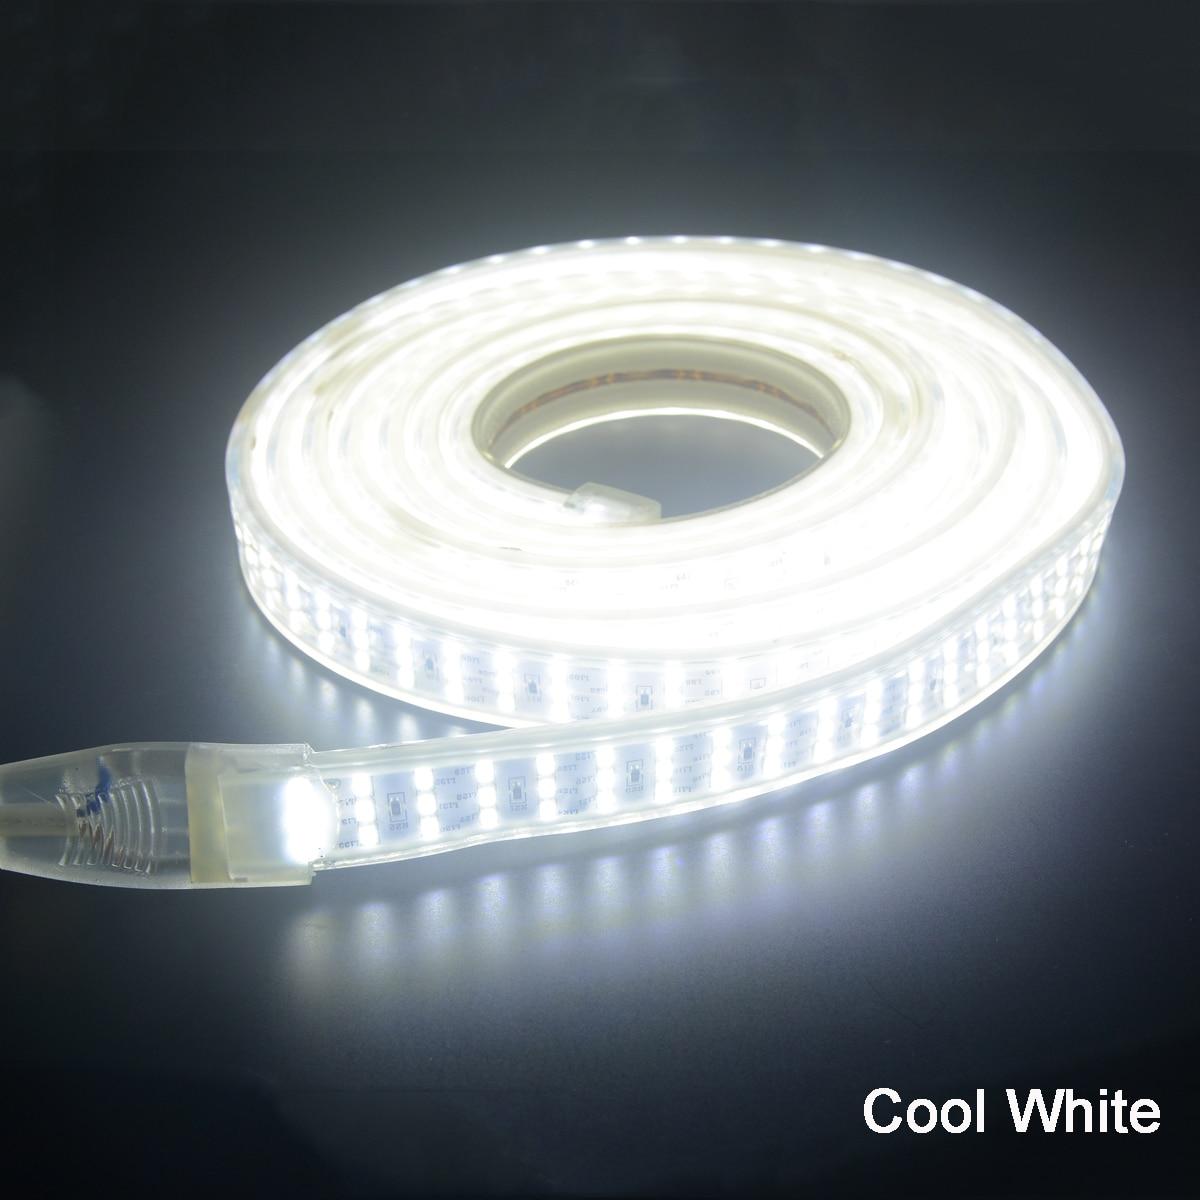 led strip Light 220v SMD 2835 flexible tape 276 leds/m 1m 2m 4m 5m 6m 7m 8m 9m + Power EU plug